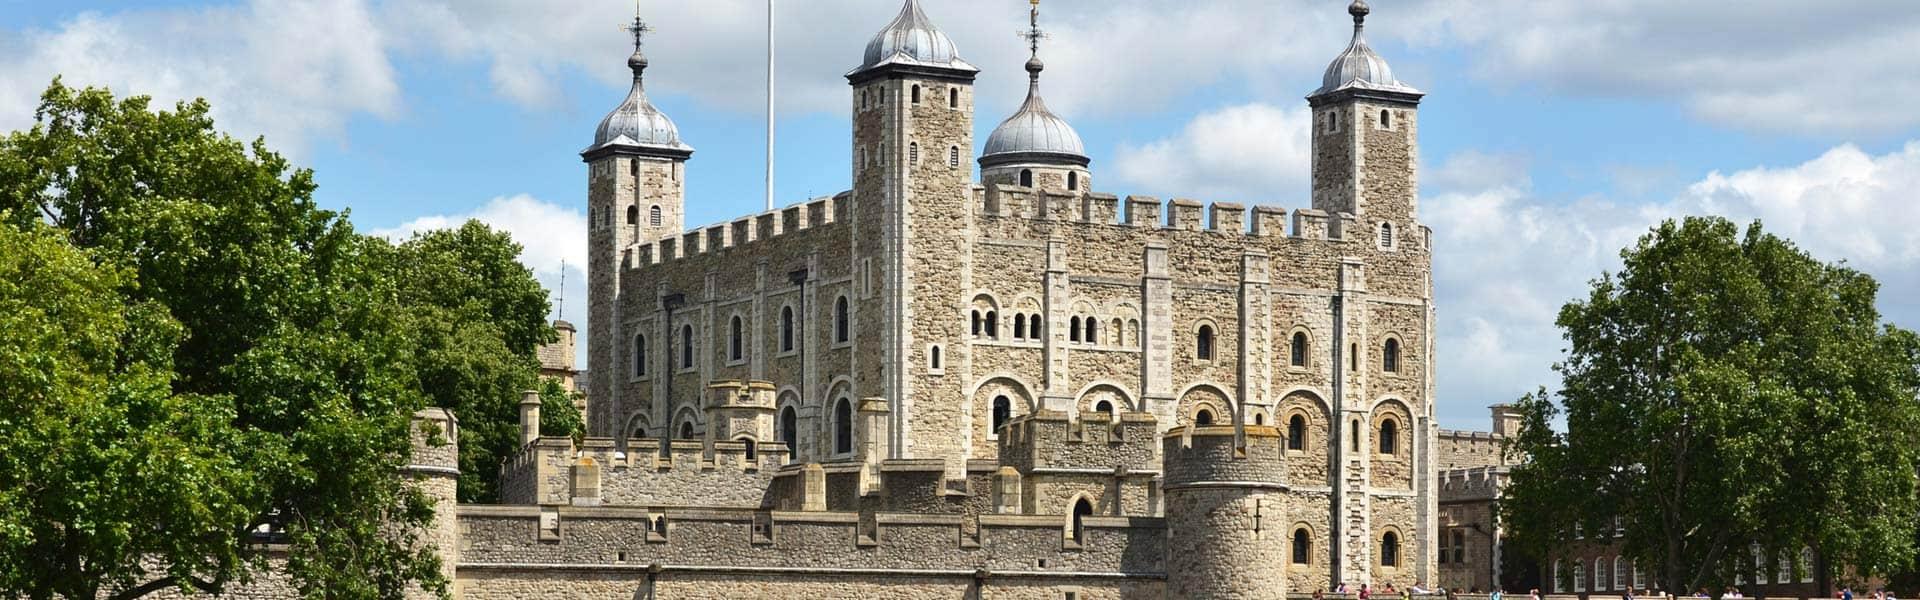 Gruseln und Geschichte erleben: im Tower of London